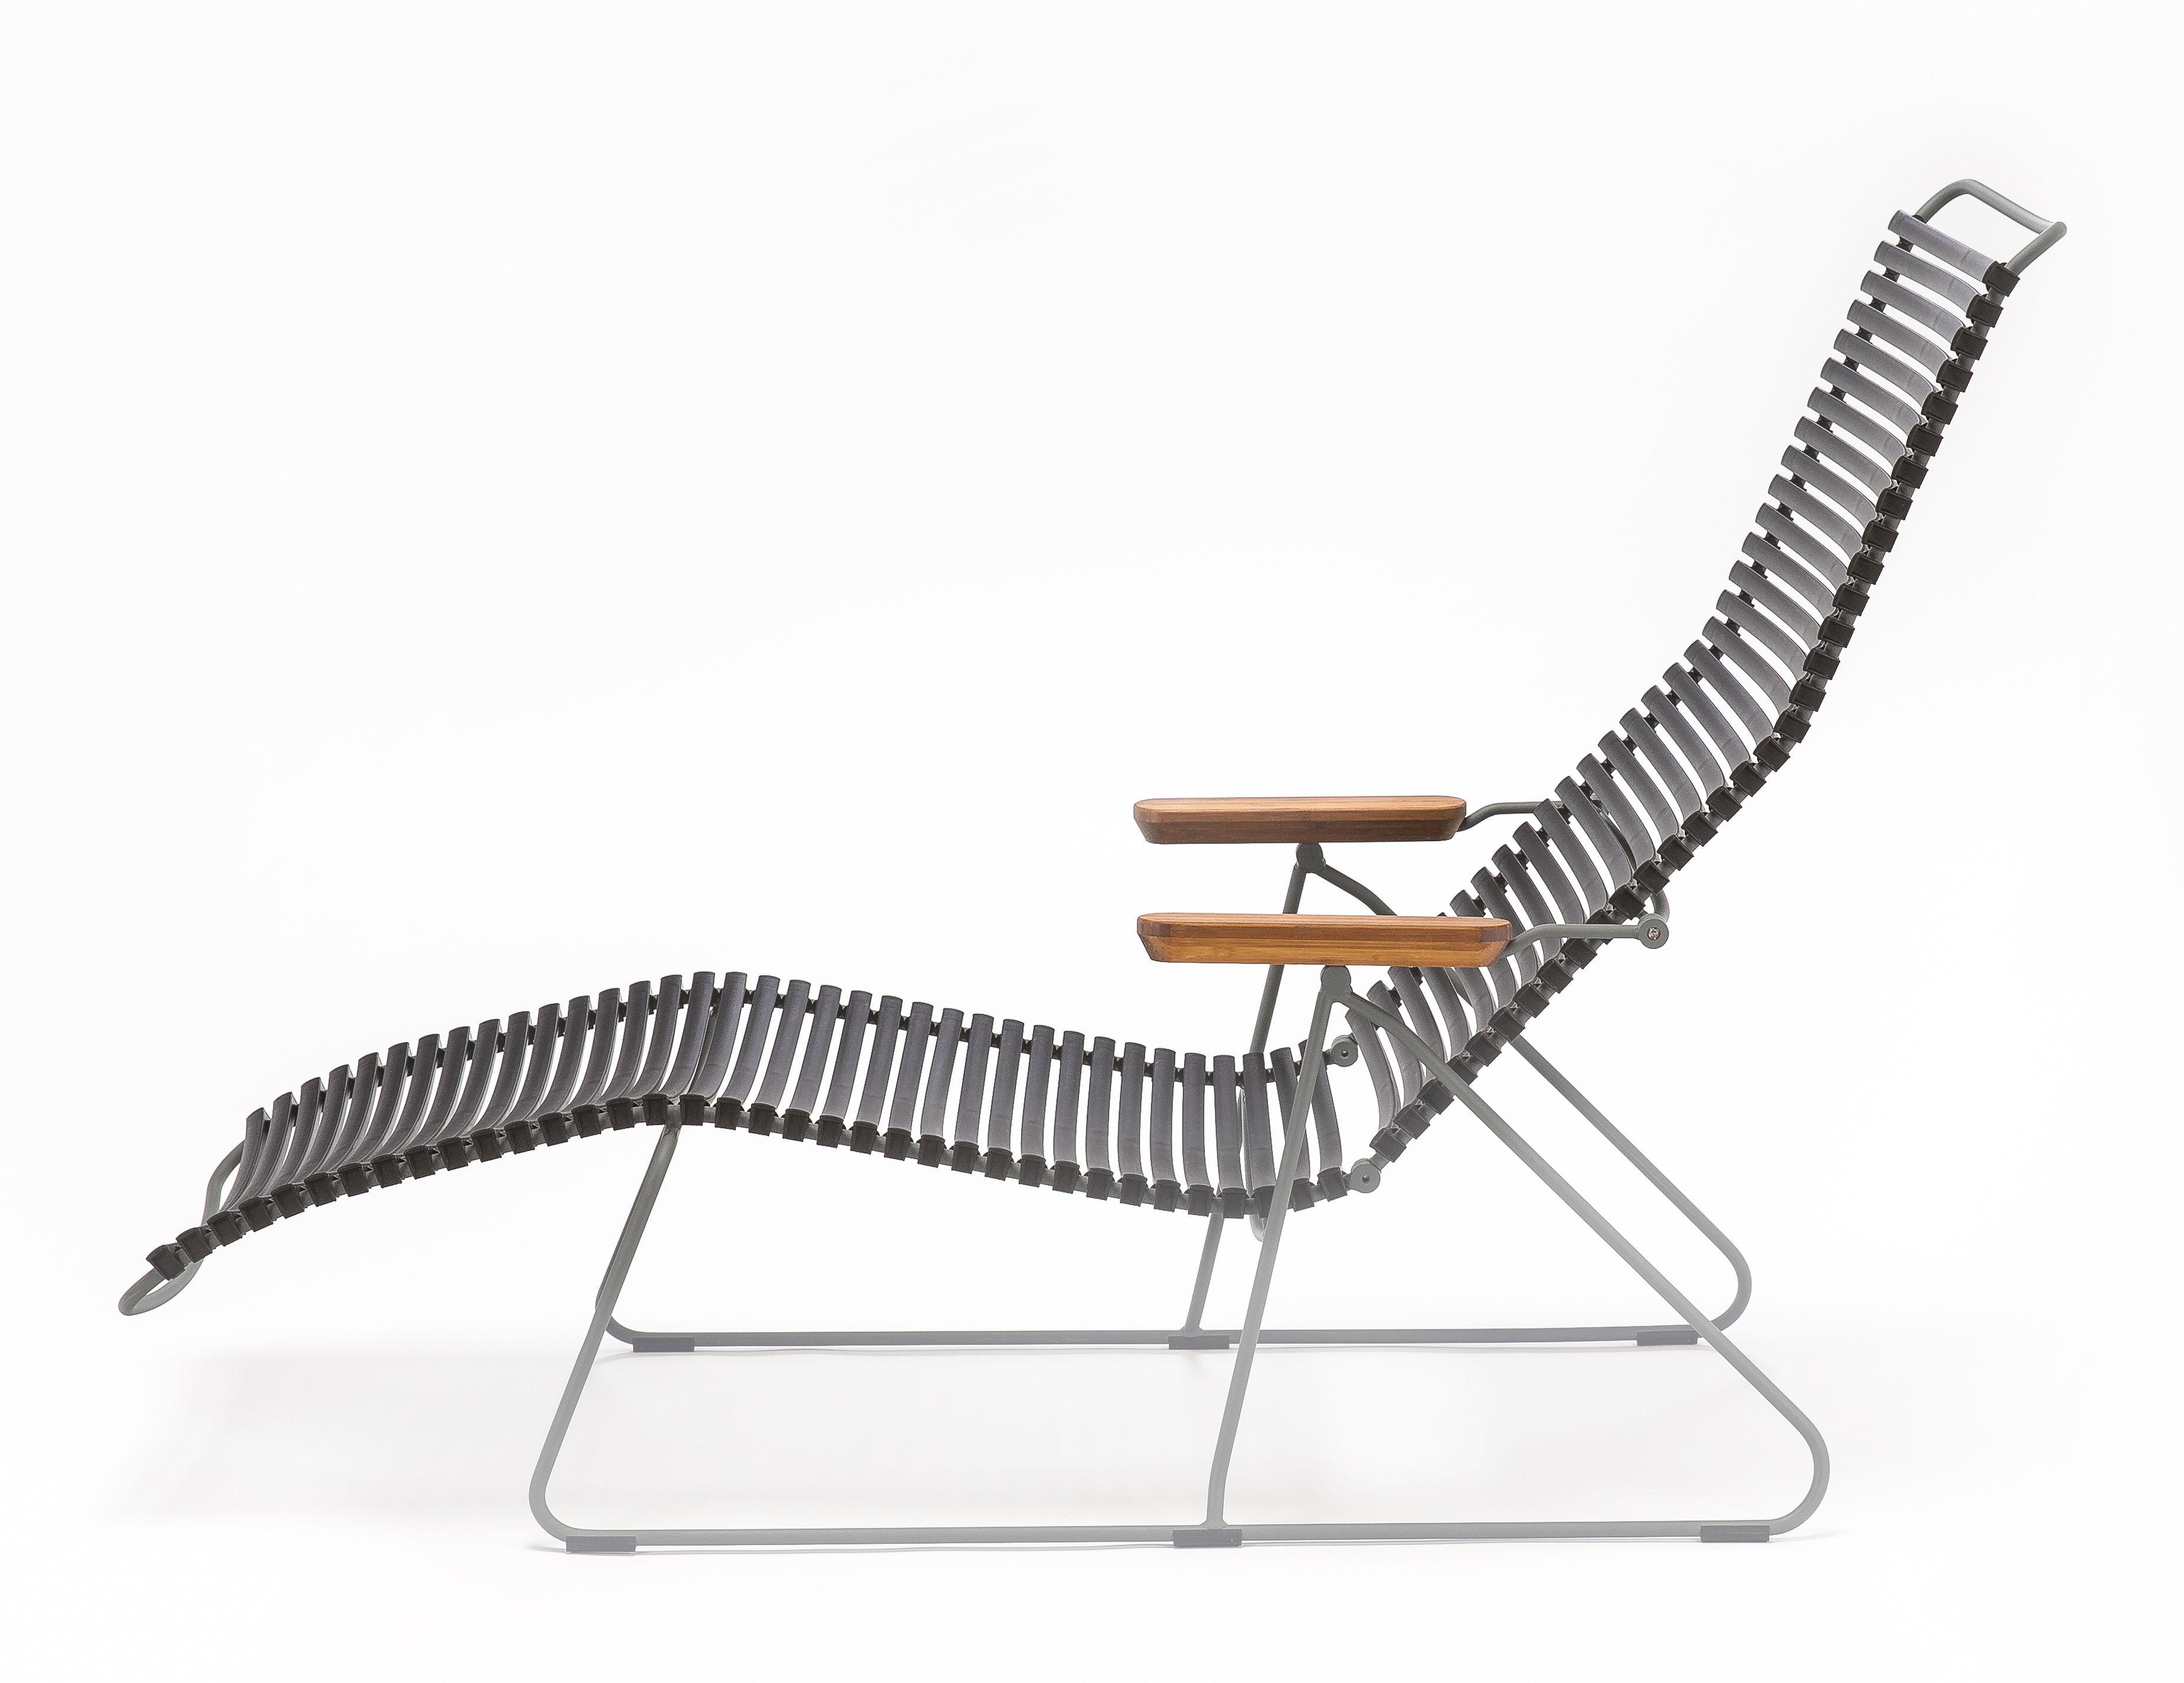 Sdraio In Plastica Verde.Click Chaise Longue Schienale Multiposizioni Verde Oliva By Houe